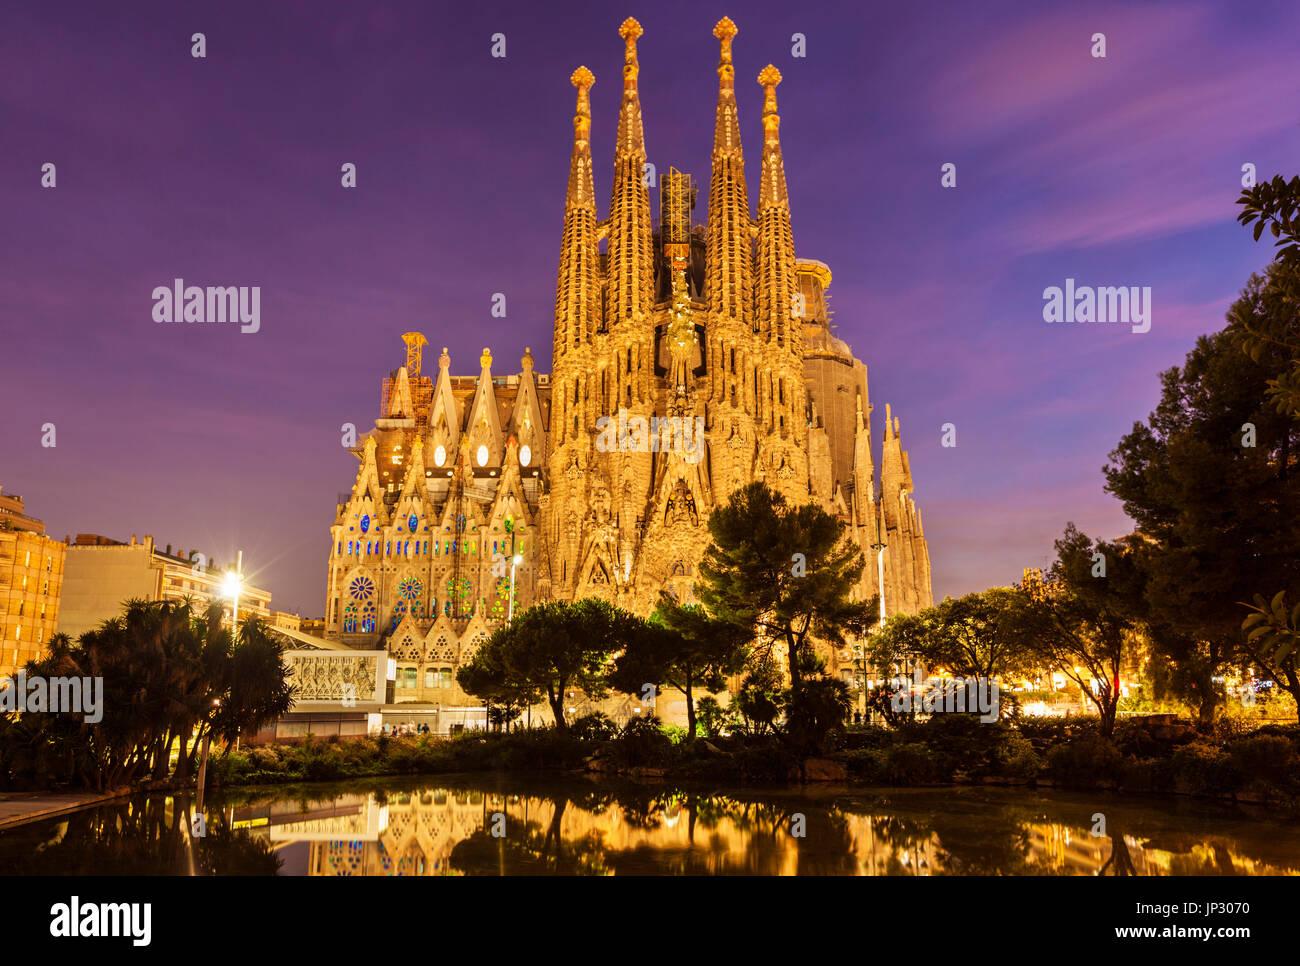 Spain Barcelona Spain Barcelona antoni gaudi sagrada familia Barcelona la sagrada familia cathedral Barcelona Spain - Stock Image